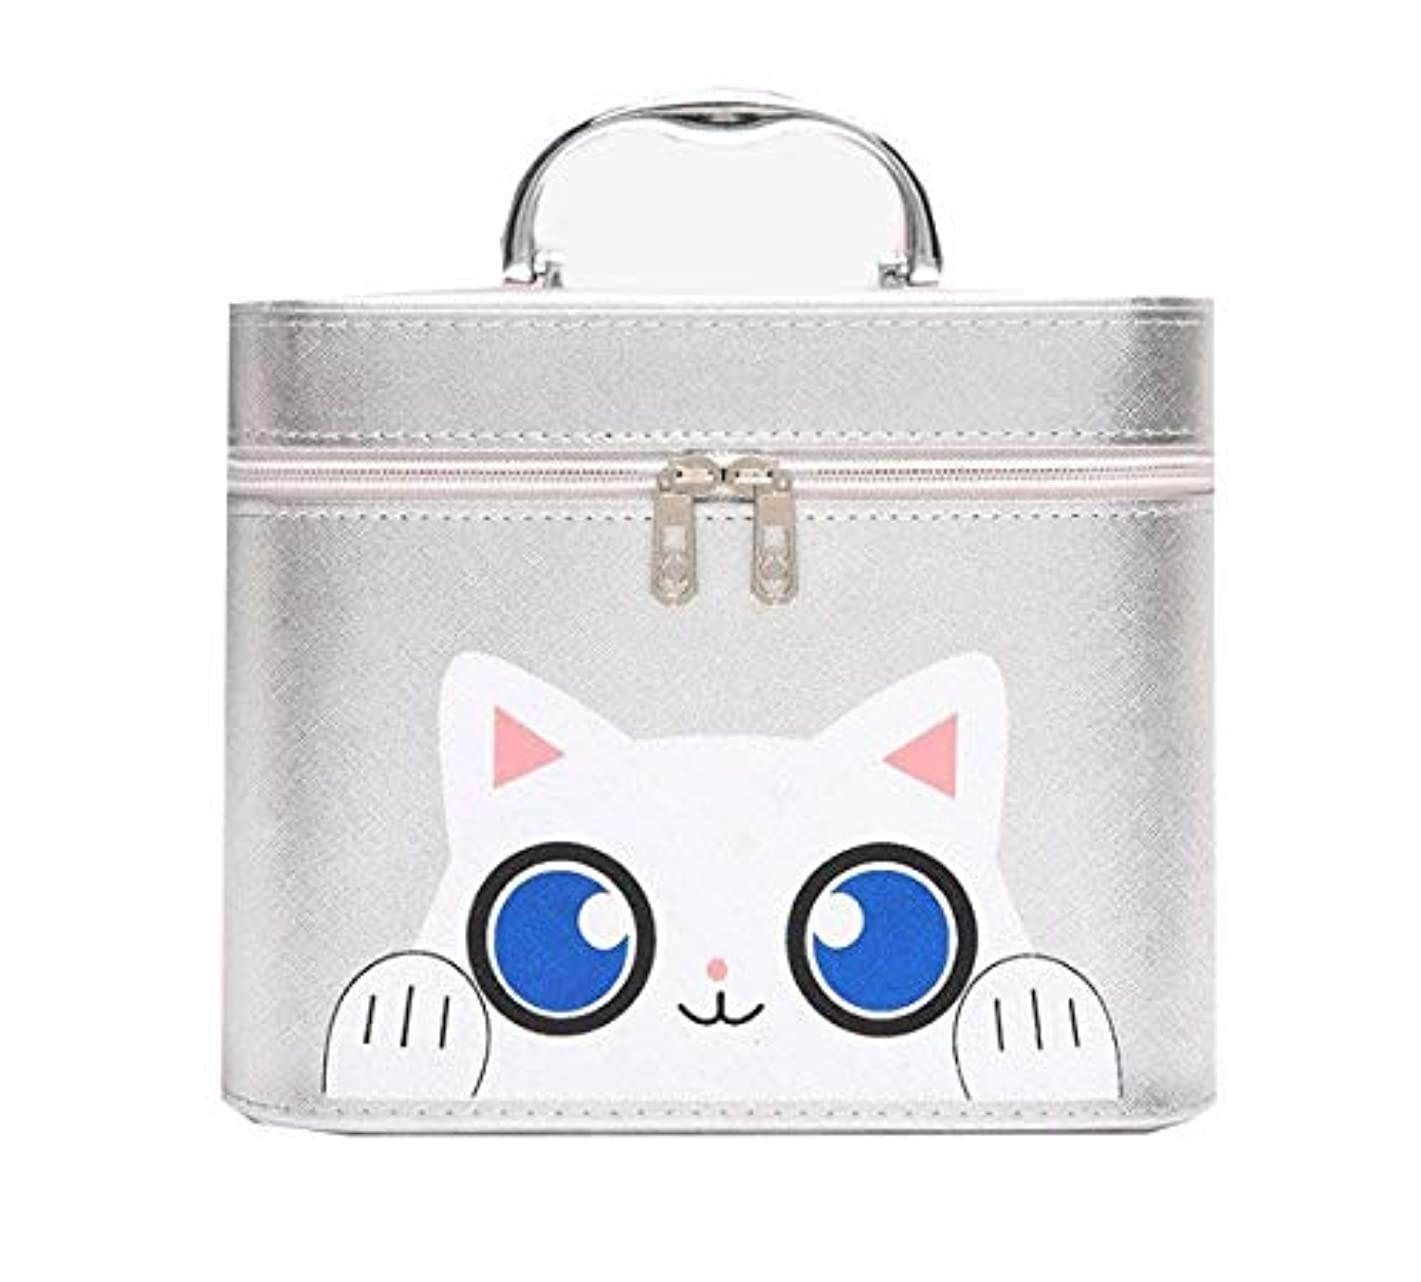 ロックチャンピオンたぶん化粧箱、シルバー漫画猫化粧品ケース、ポータブル旅行化粧品ケース、美容ネイルジュエリー収納ボックス (Size : L)